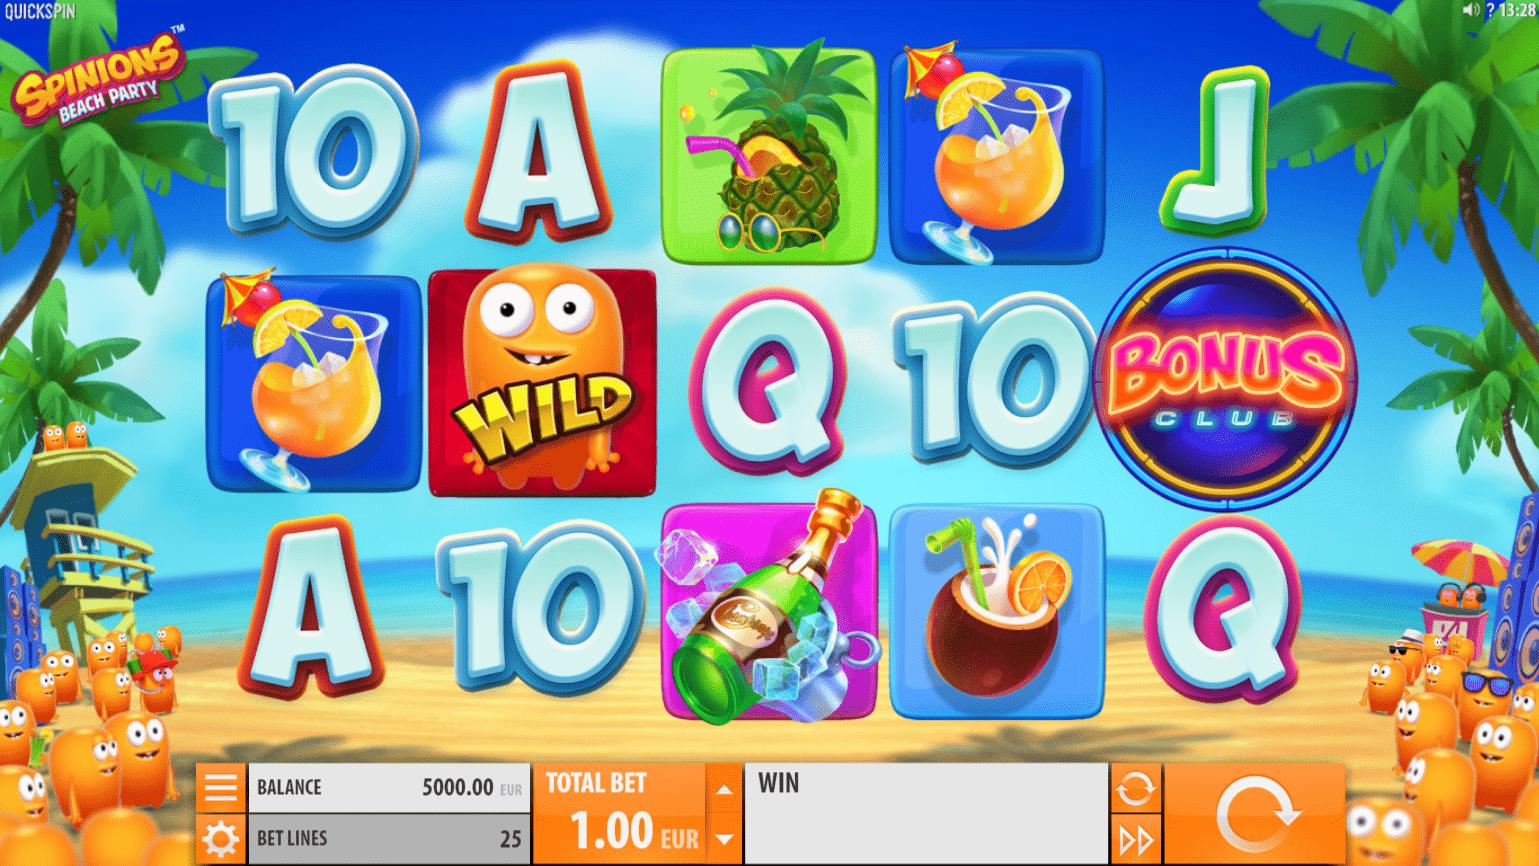 spinions casino